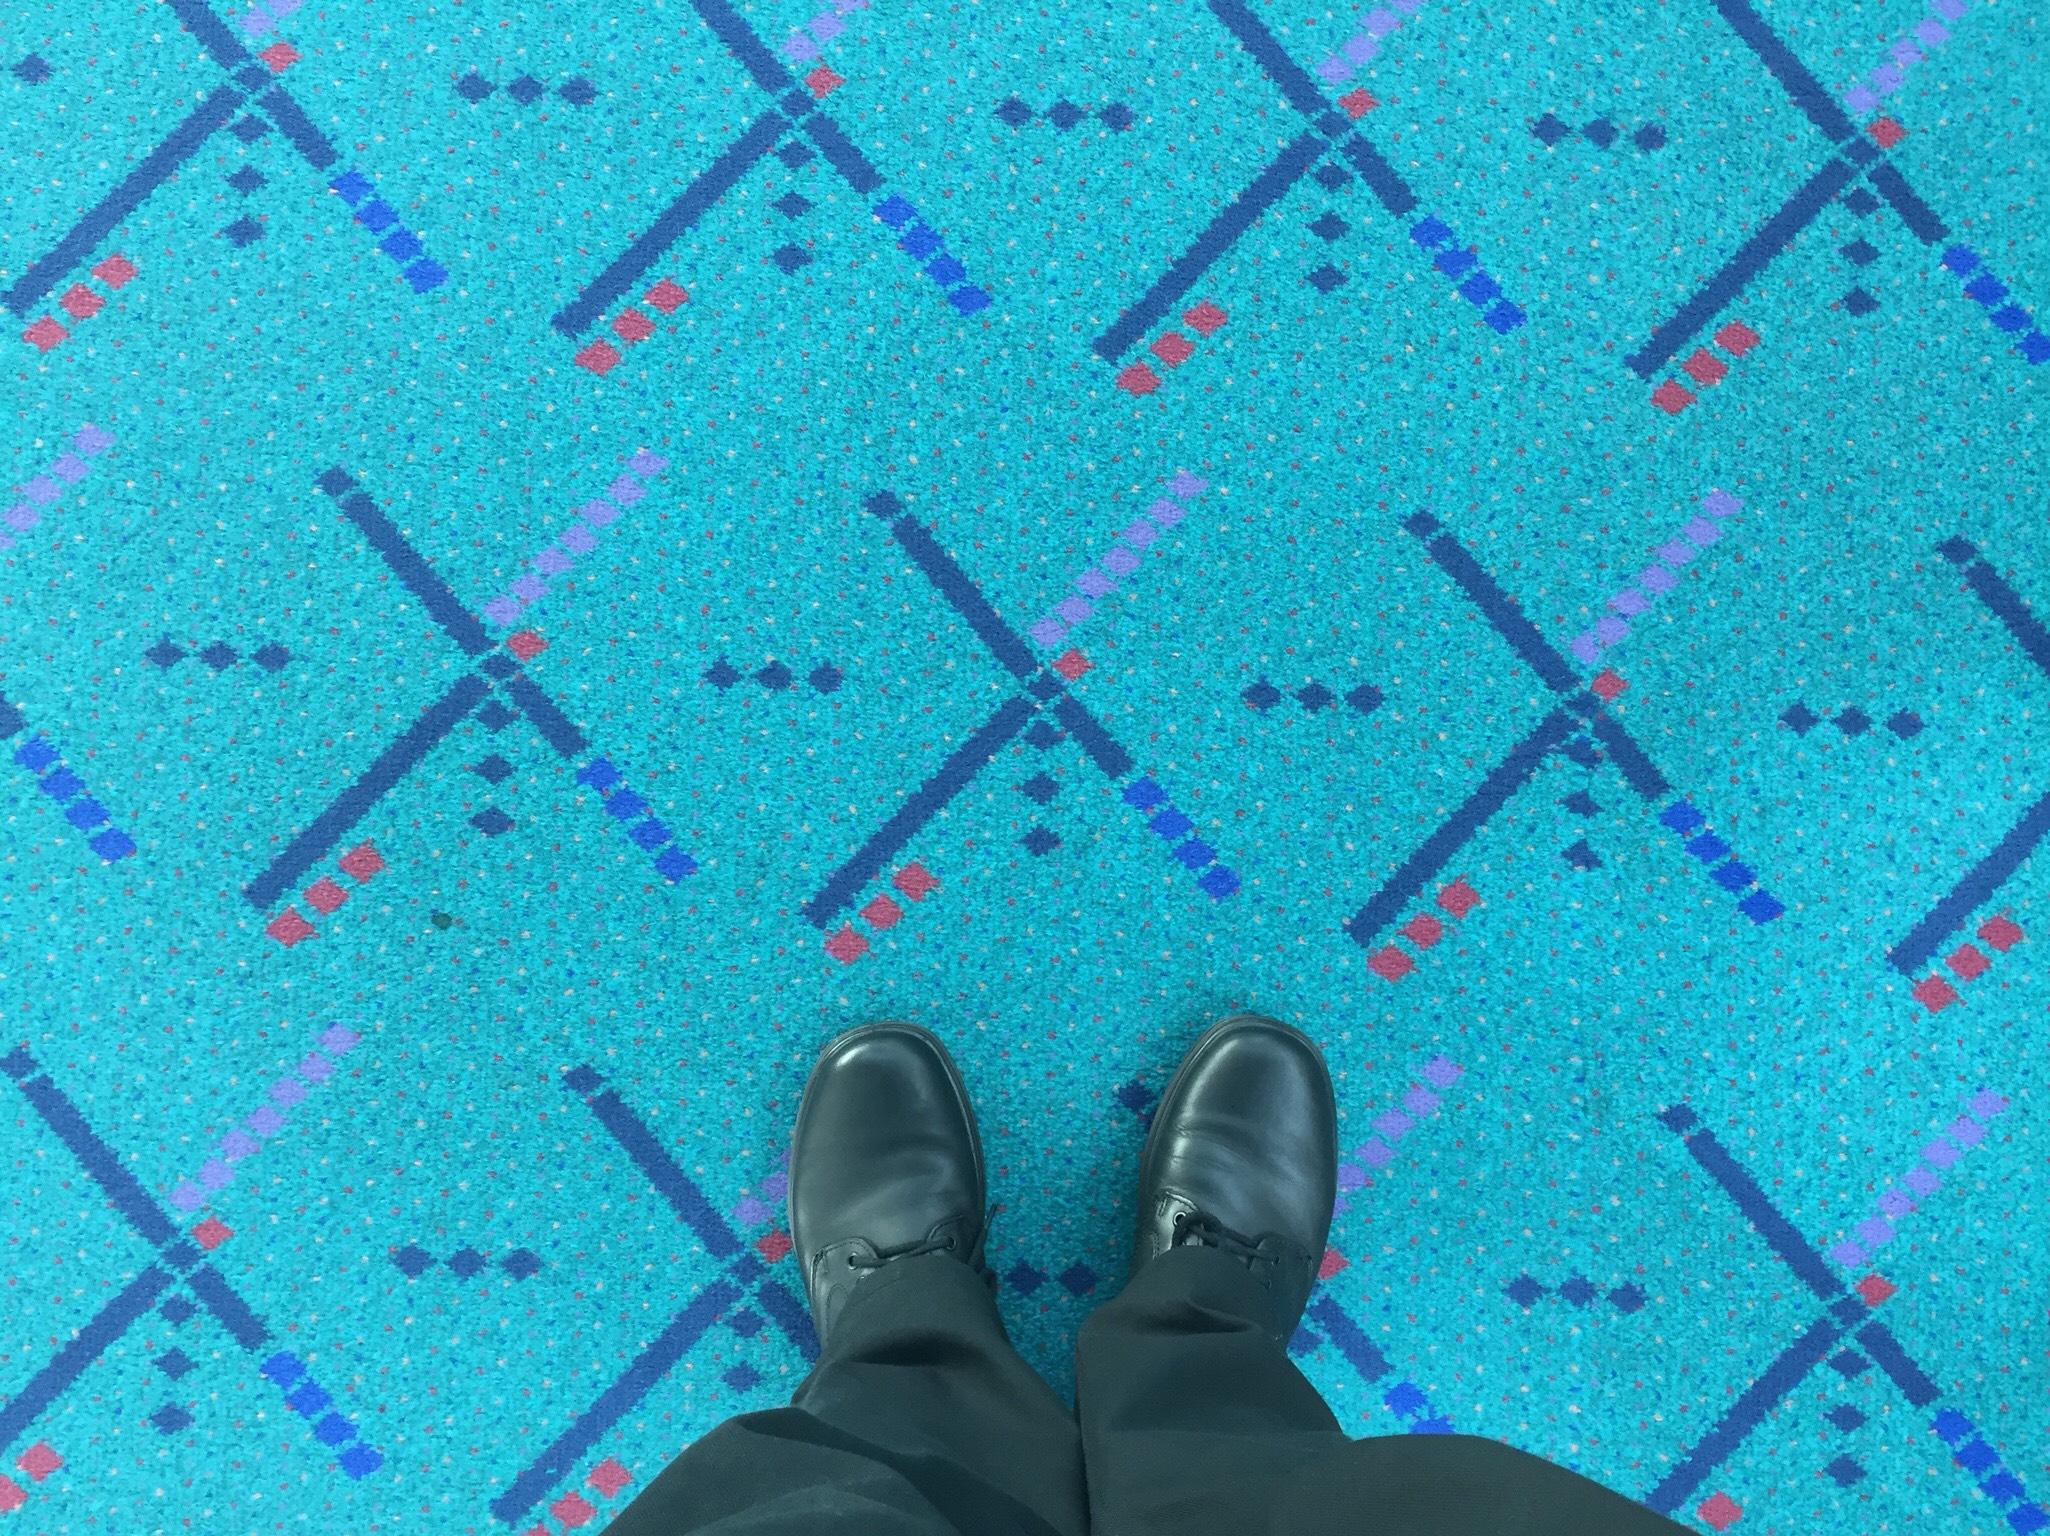 Portland Airport - PDX's original carpet design